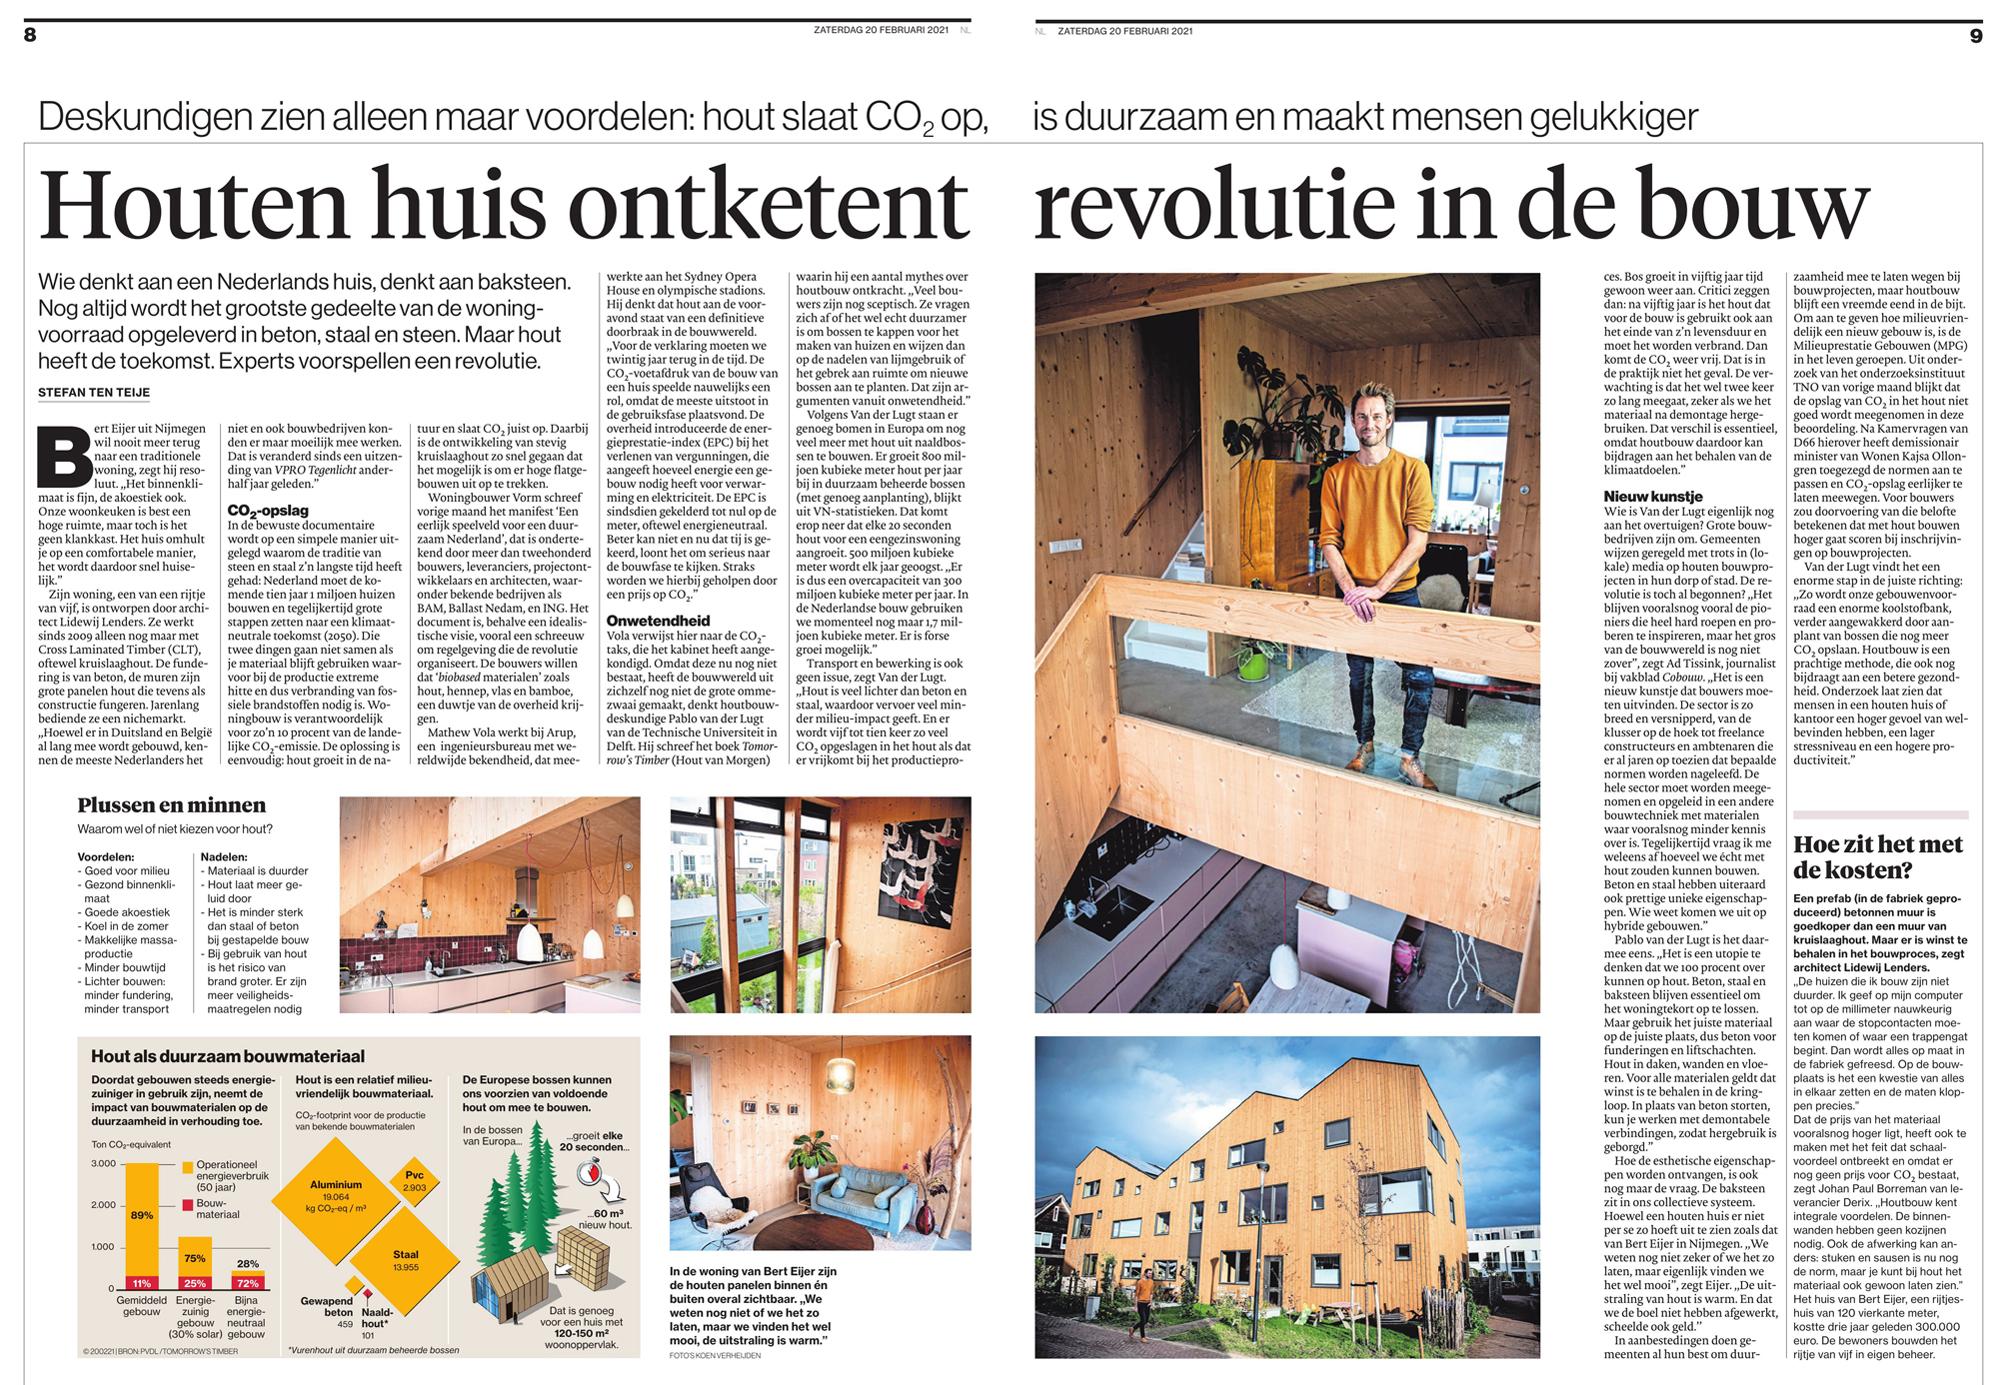 2021-02-20_Algemeen_Dagblad_Houten-_huis_ontketent_revolutie_in_de_bouw_w